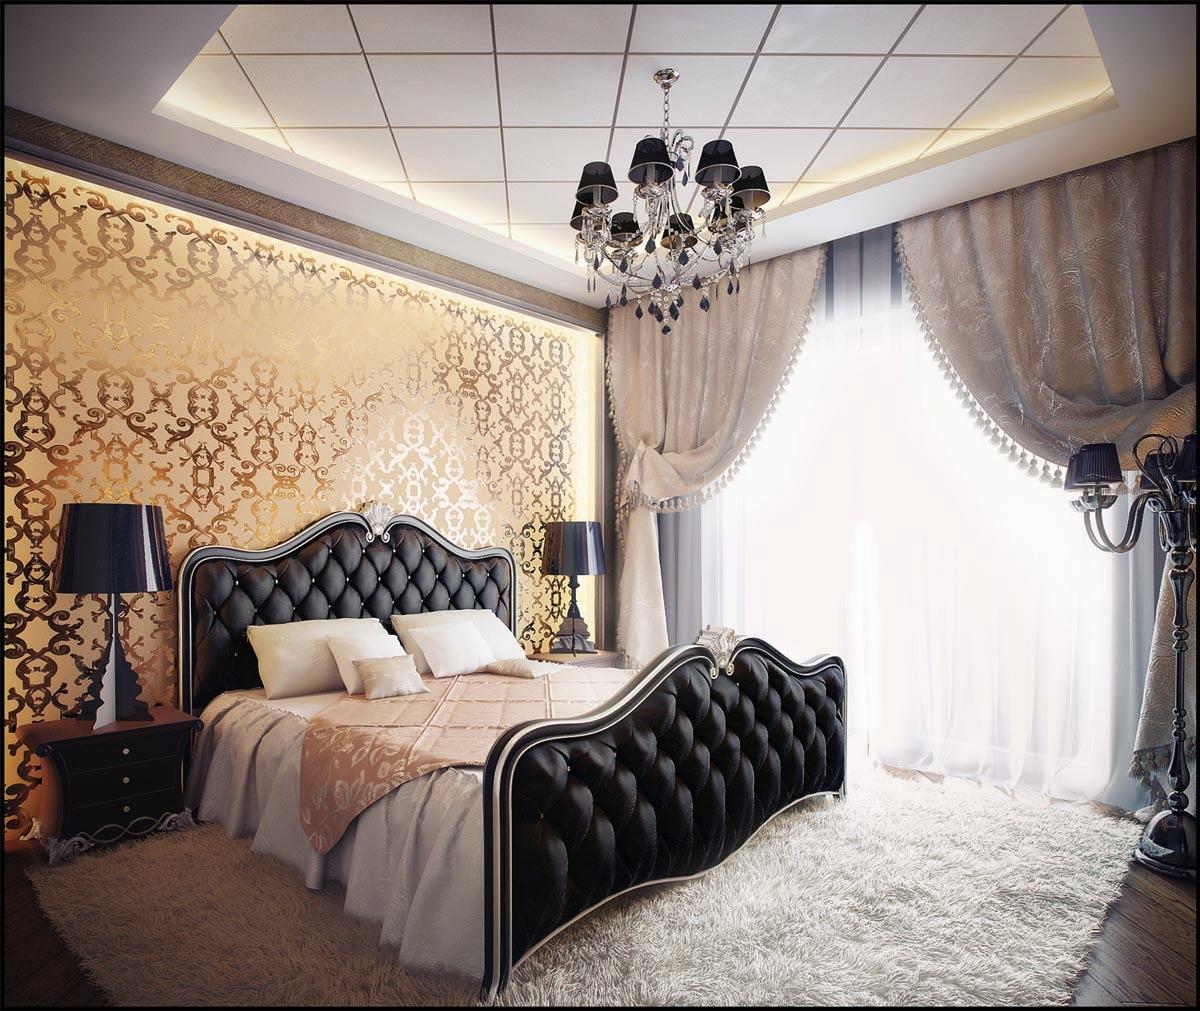 sort-guld-værelses-design